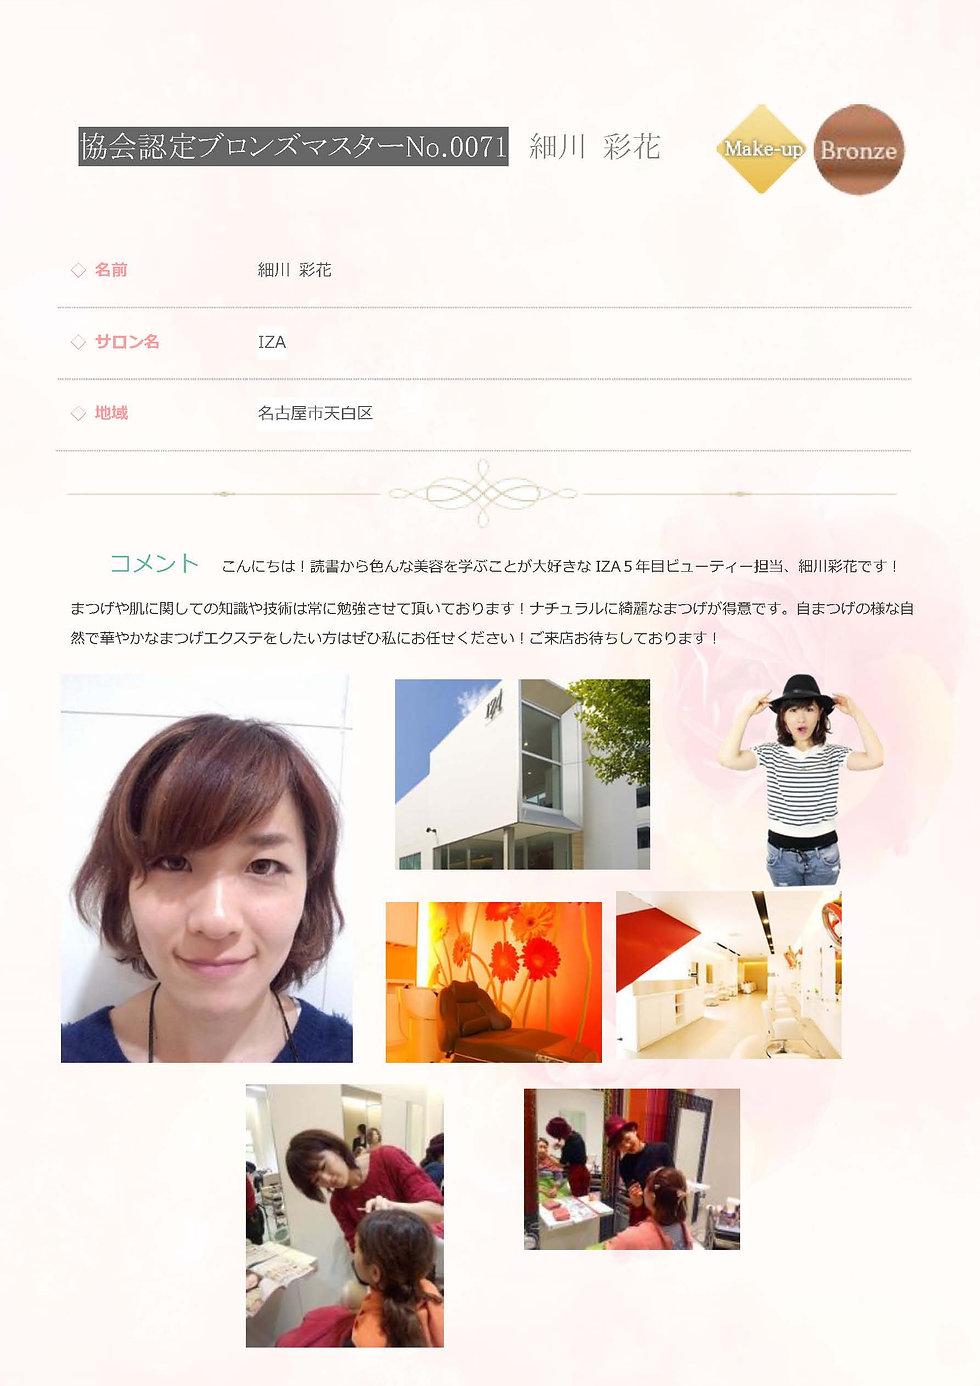 協会認定 ブロンズマスター メイク No0071 細川 彩花